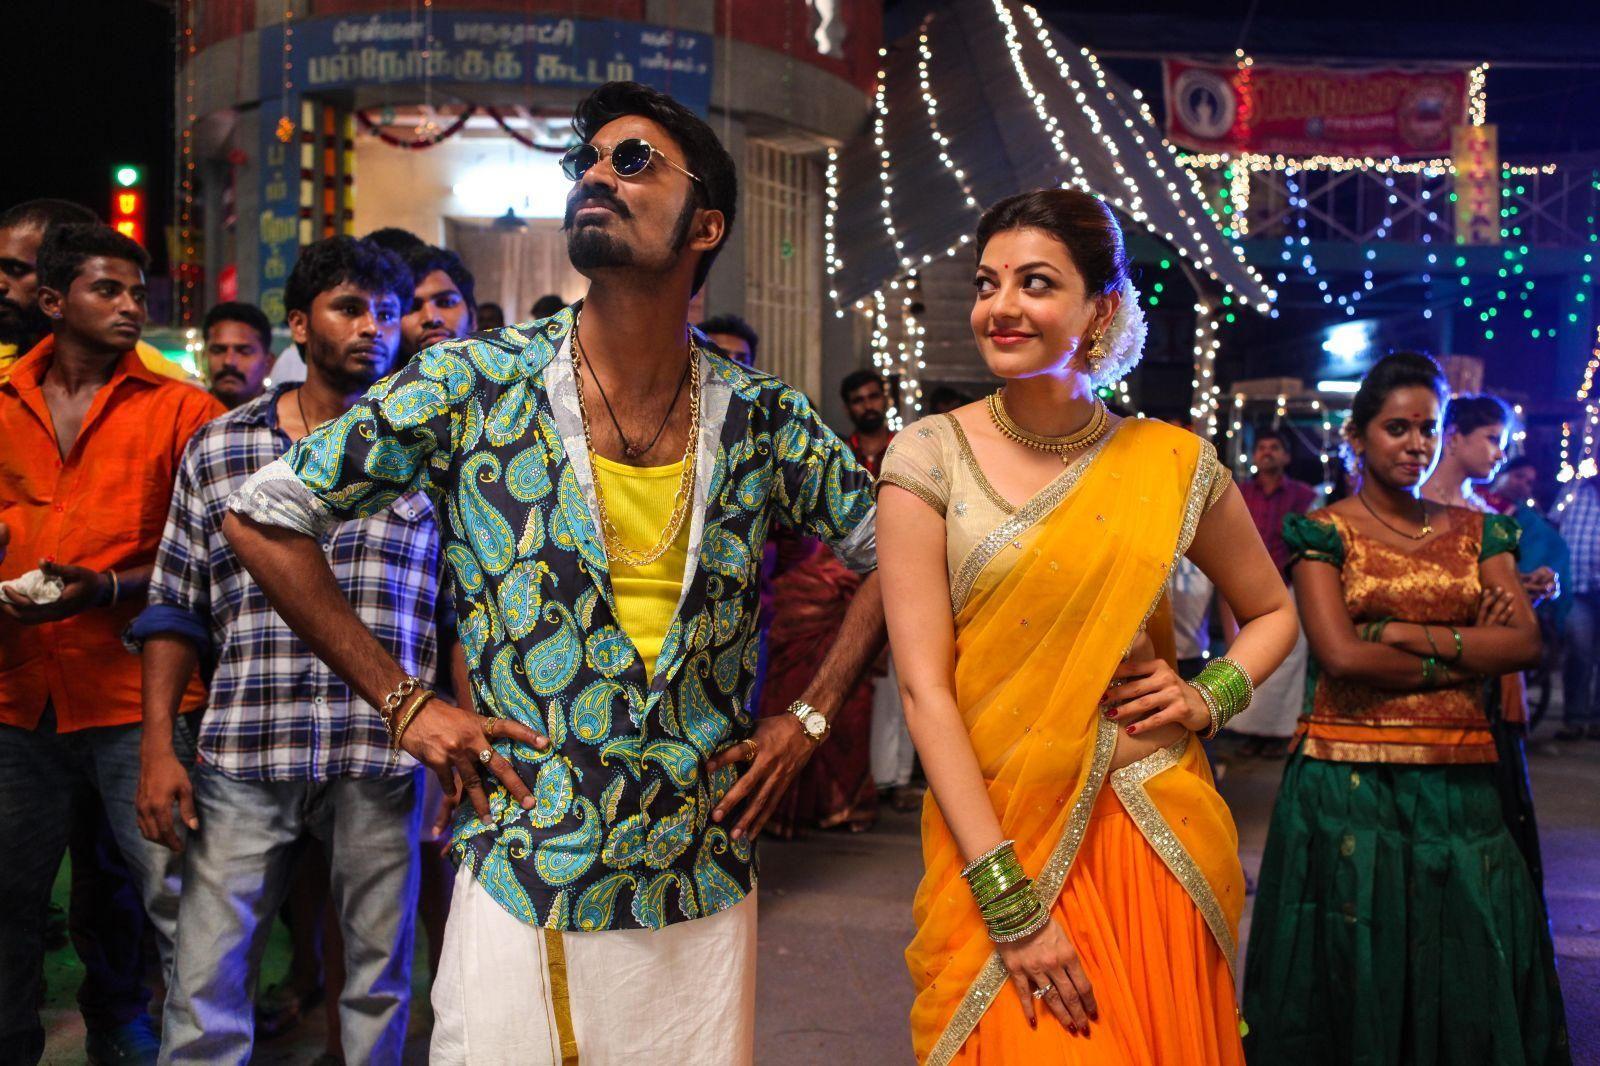 Download The Maari Tamil Movie Latest Stils Hd Image Gallery Maari Movie Starring Dhanush Kajal Aggarwal In The Lead Ro With Images Tamil Movies Movies Movie Wallpapers